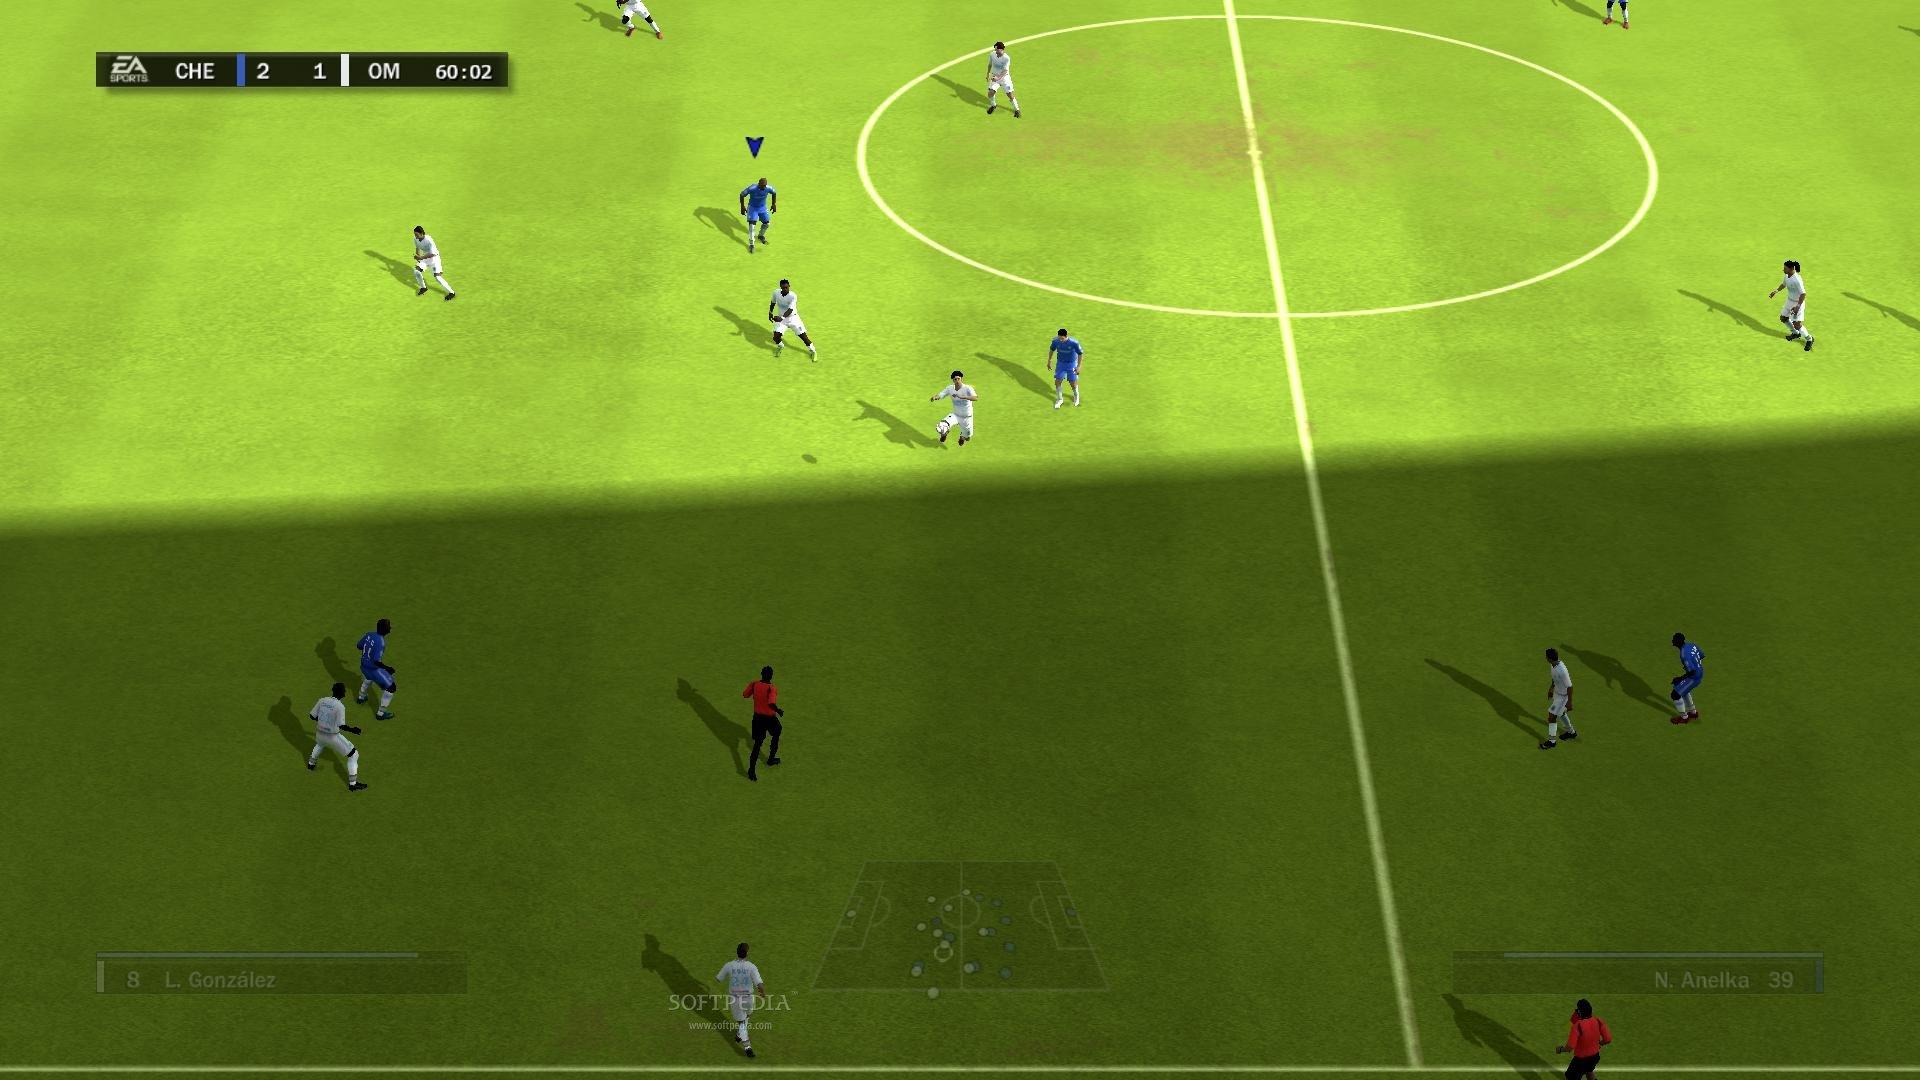 صرية لعبة Fifa 10 فيفا 2010 على بلاي ستيشن 2 جديد